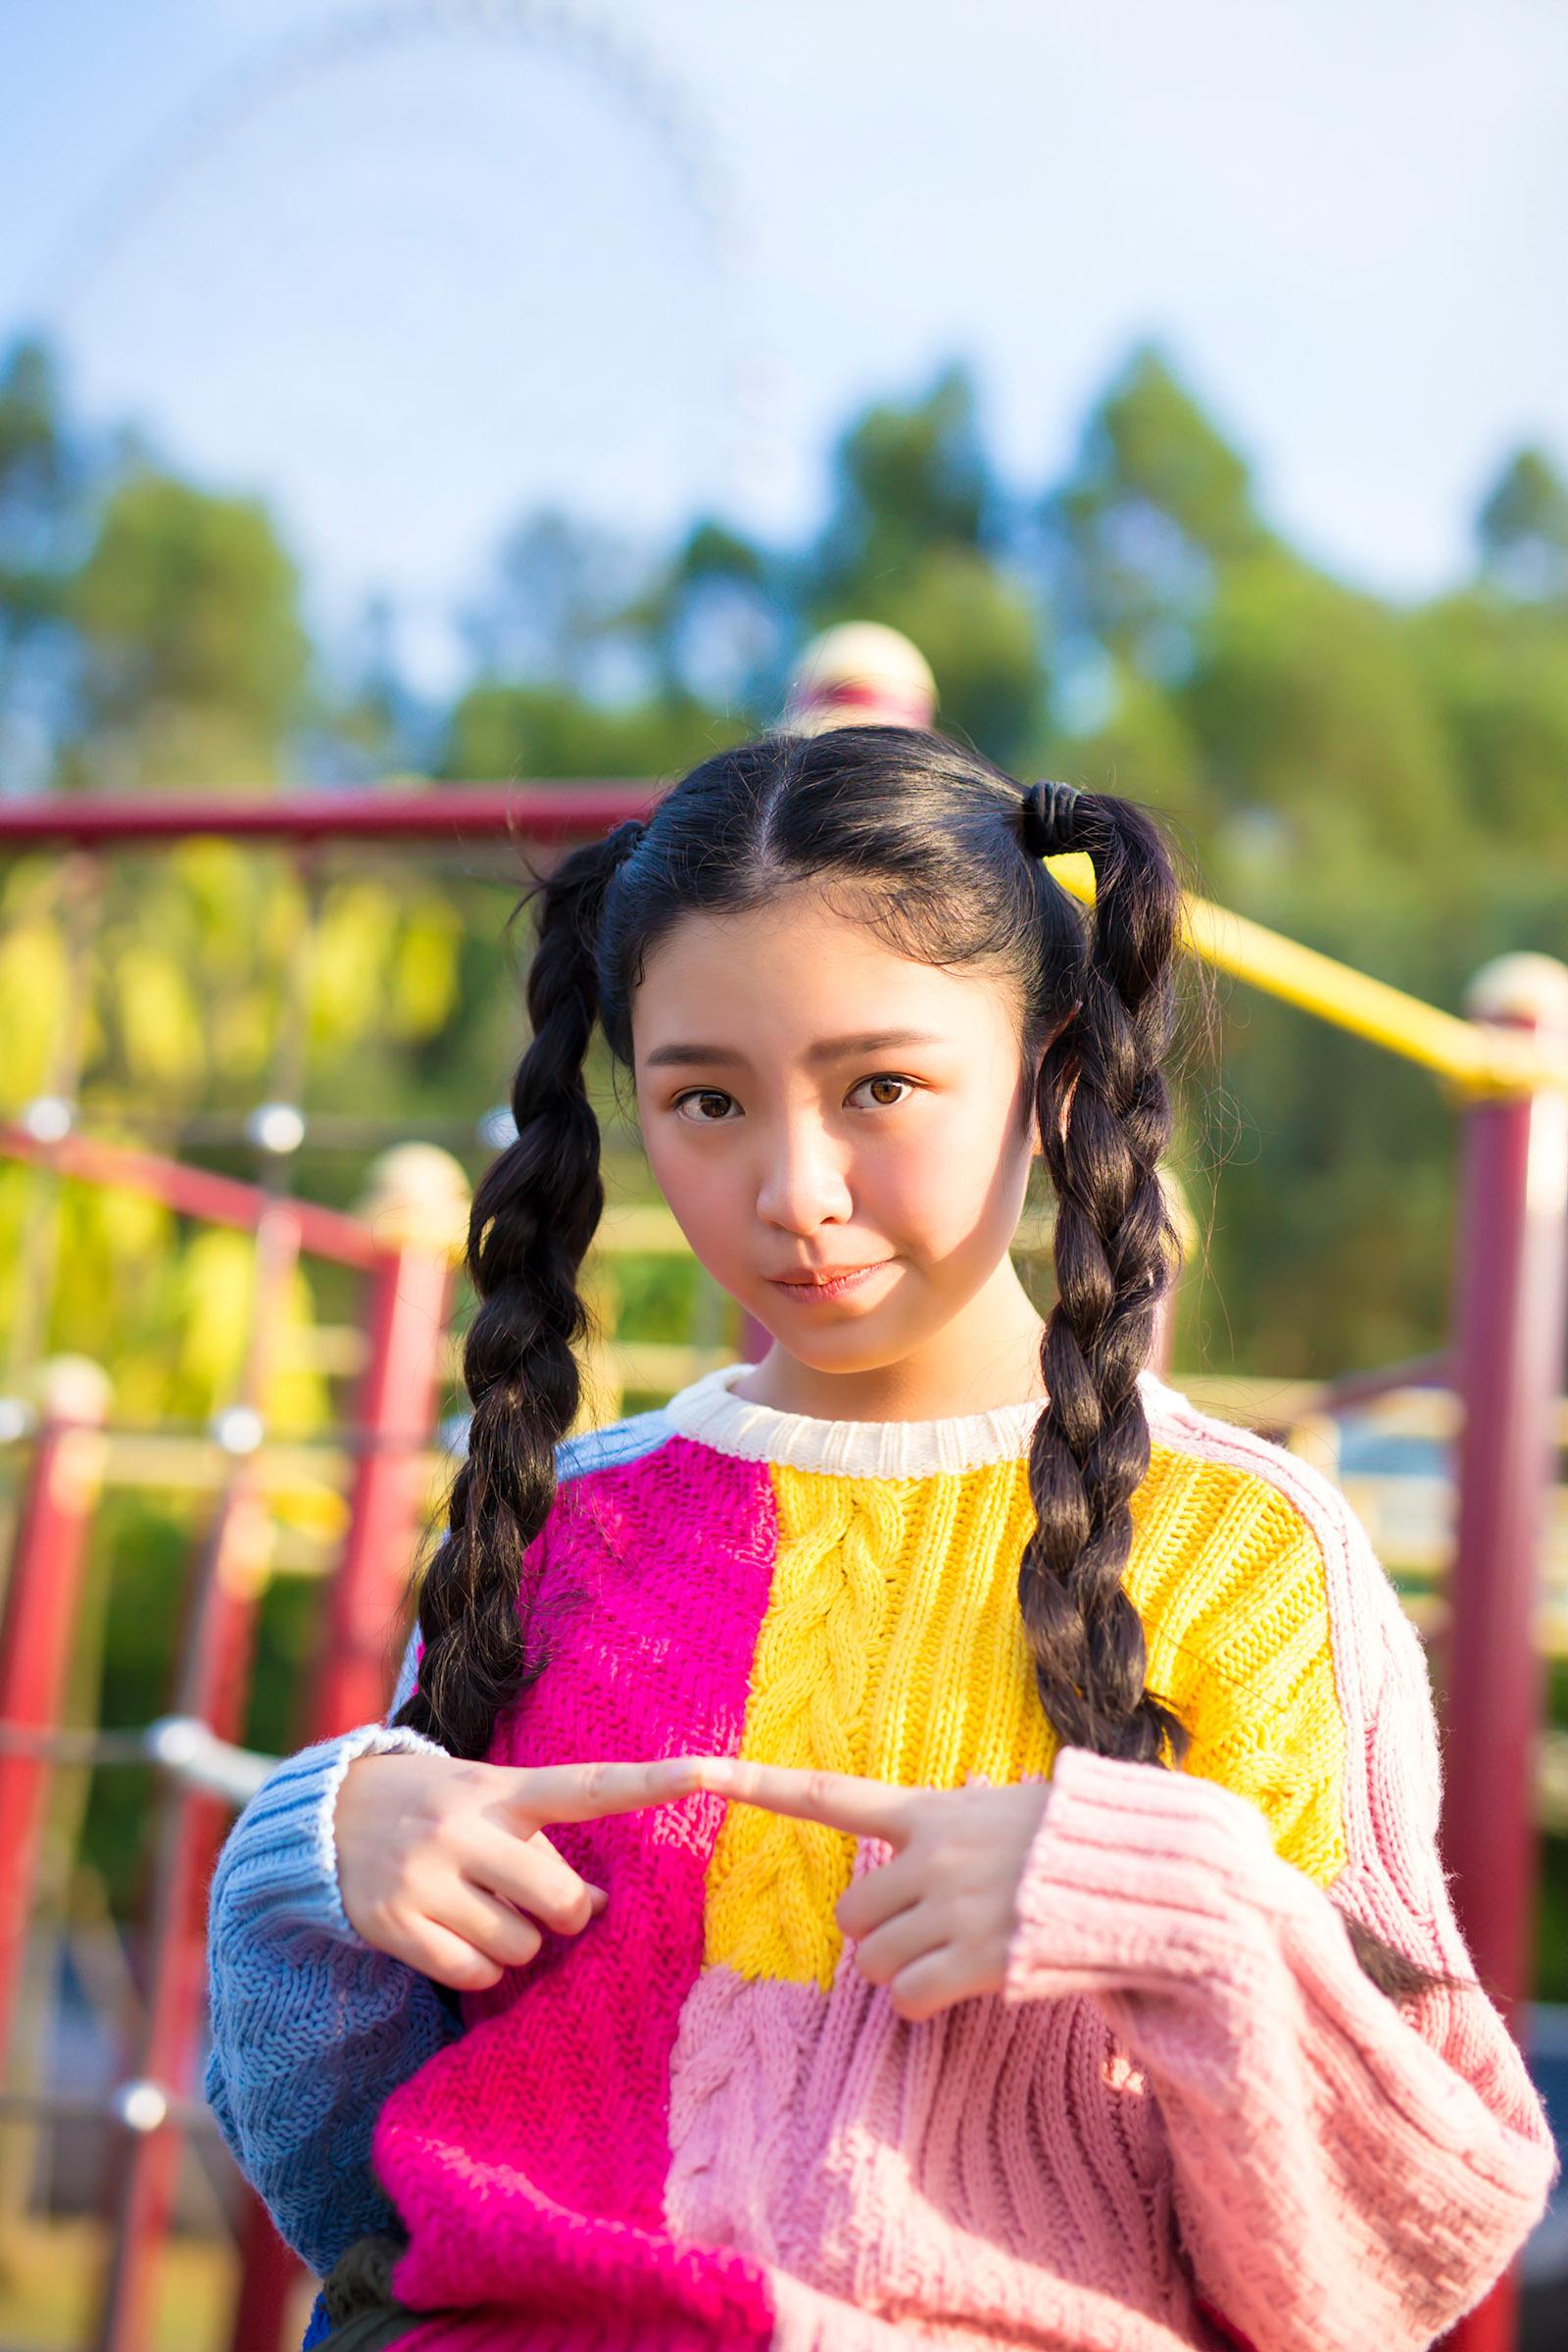 日本少女16岁人体_【美圖共享】 追梦十八岁 - 美女人体艺术_美女诱惑_更好好看的 ...